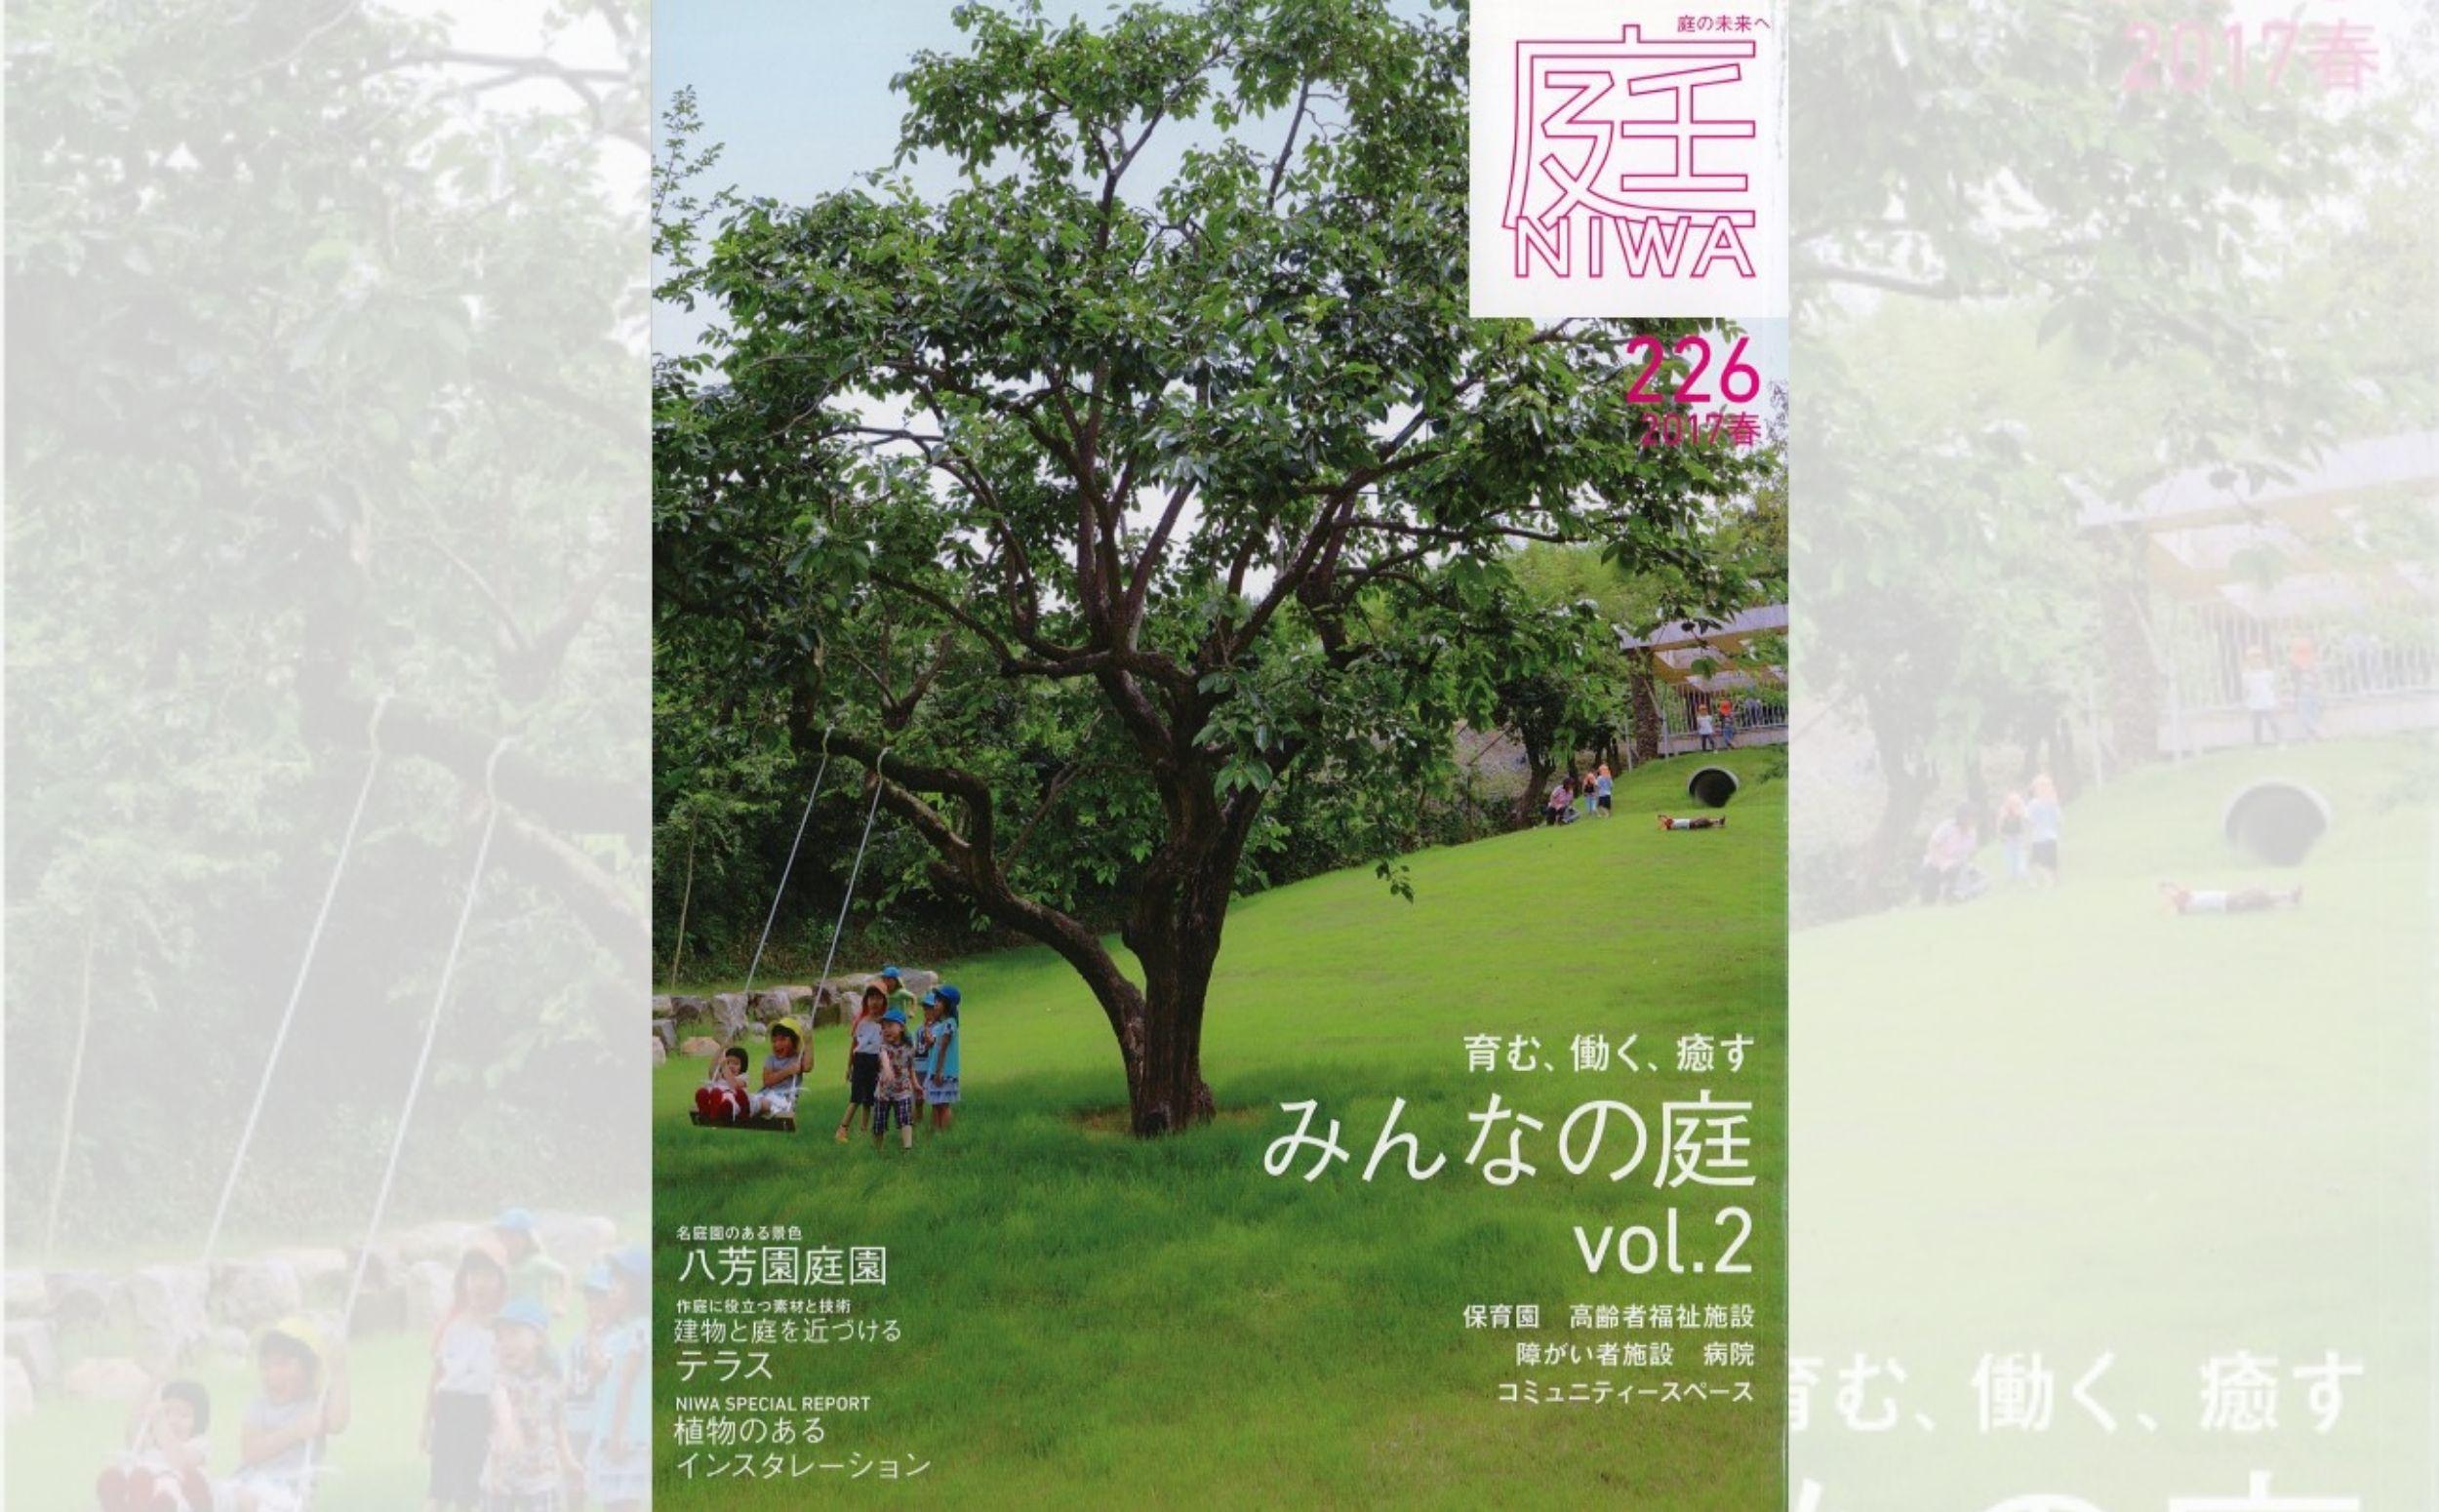 庭NIWA No.226 2017春『育む、働く、癒す みんなの庭 vol.2』